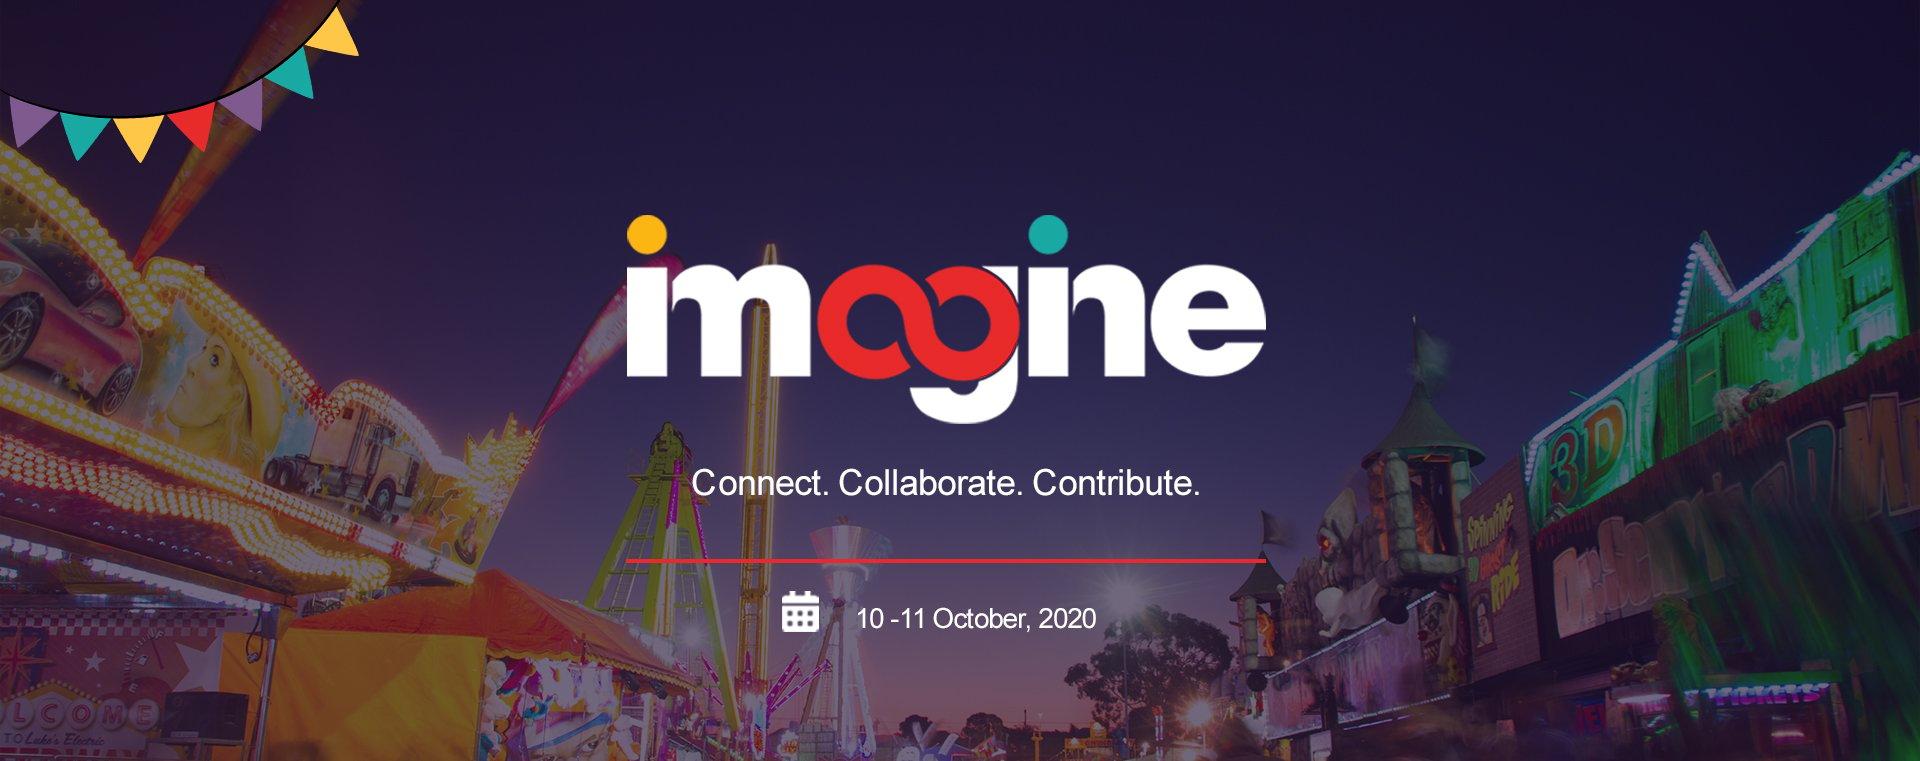 Imagine-EDM-Masthead-07-Sep-2020